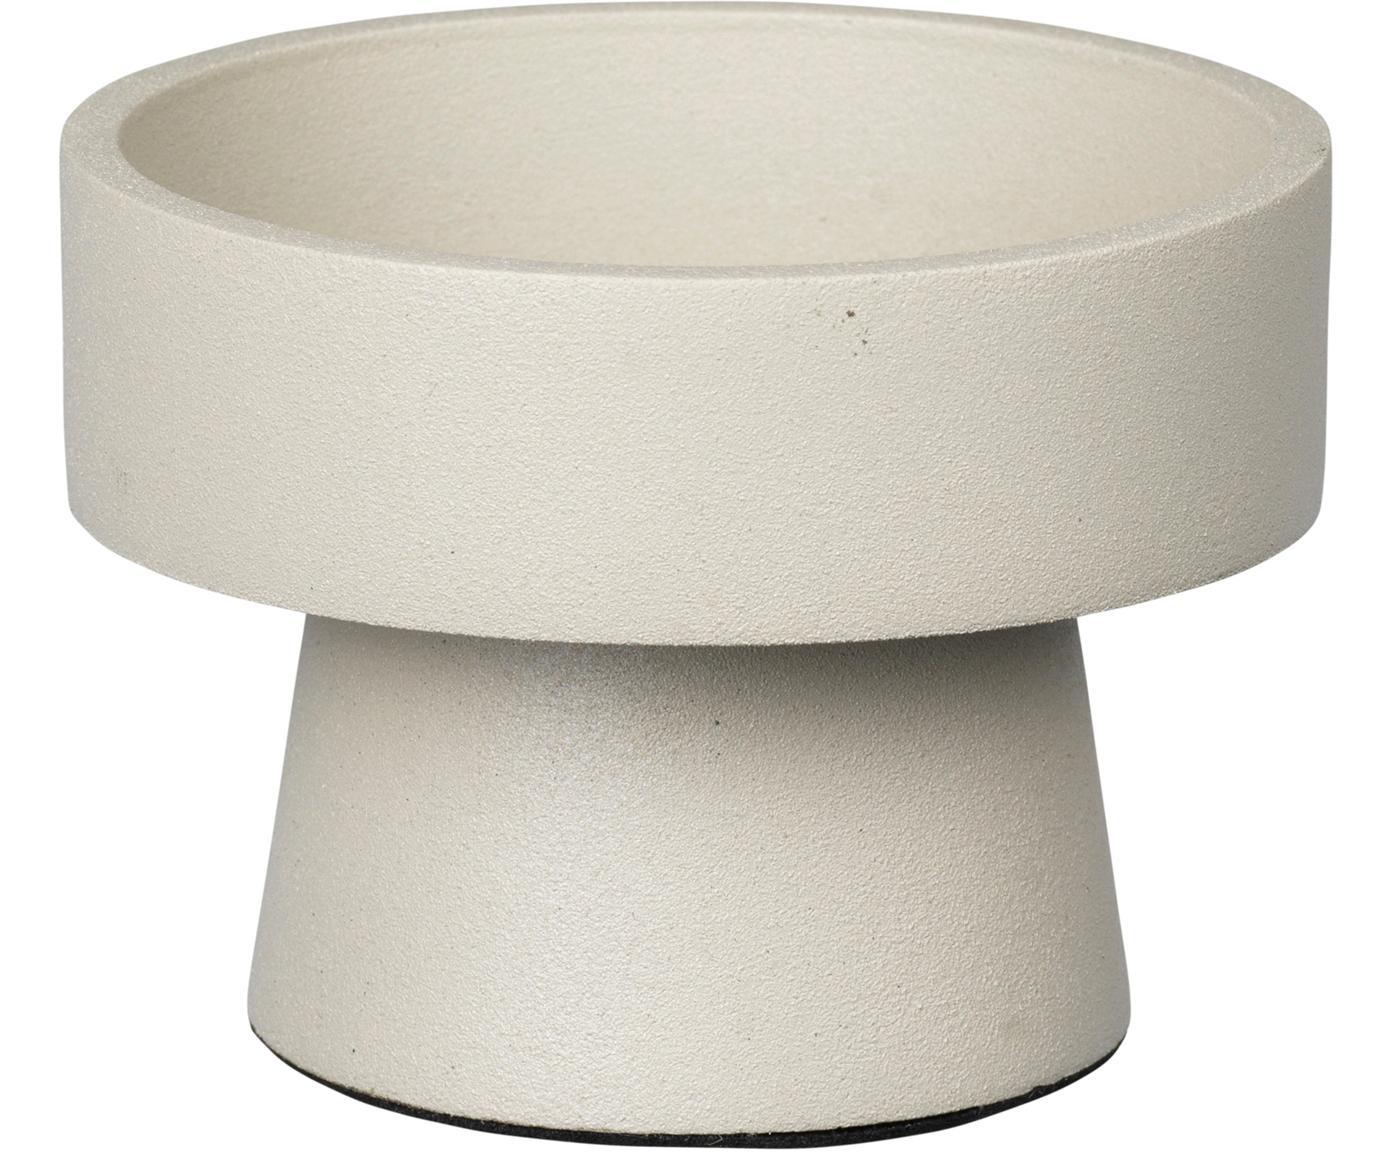 Kerzenhalter Anker, Aluminium, beschichtet, Beige, Ø 8 x H 6 cm